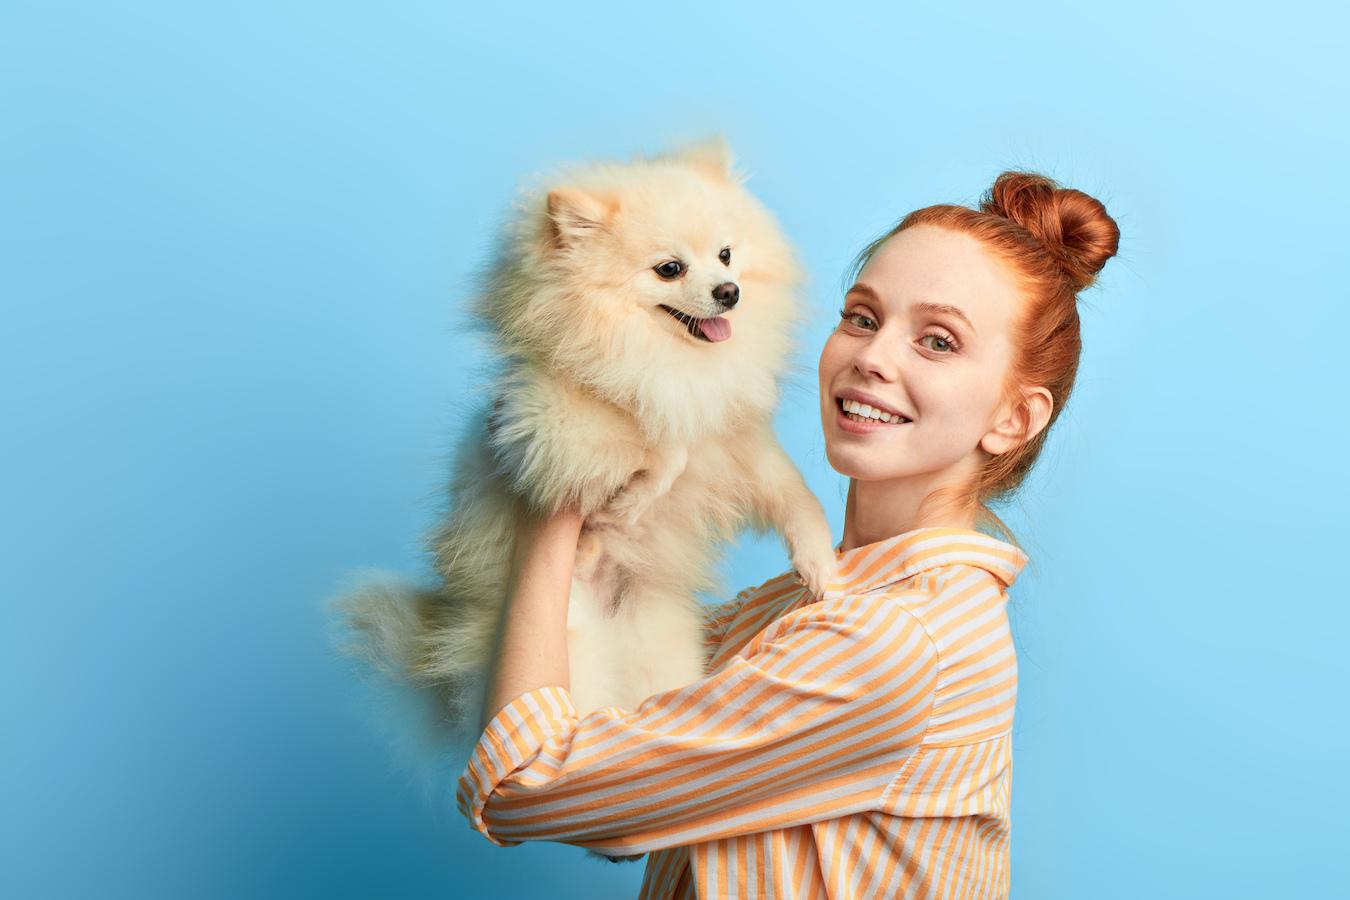 飼い主になる前に知っておきたい。ペットと暮らすために必要なお金はいくら?